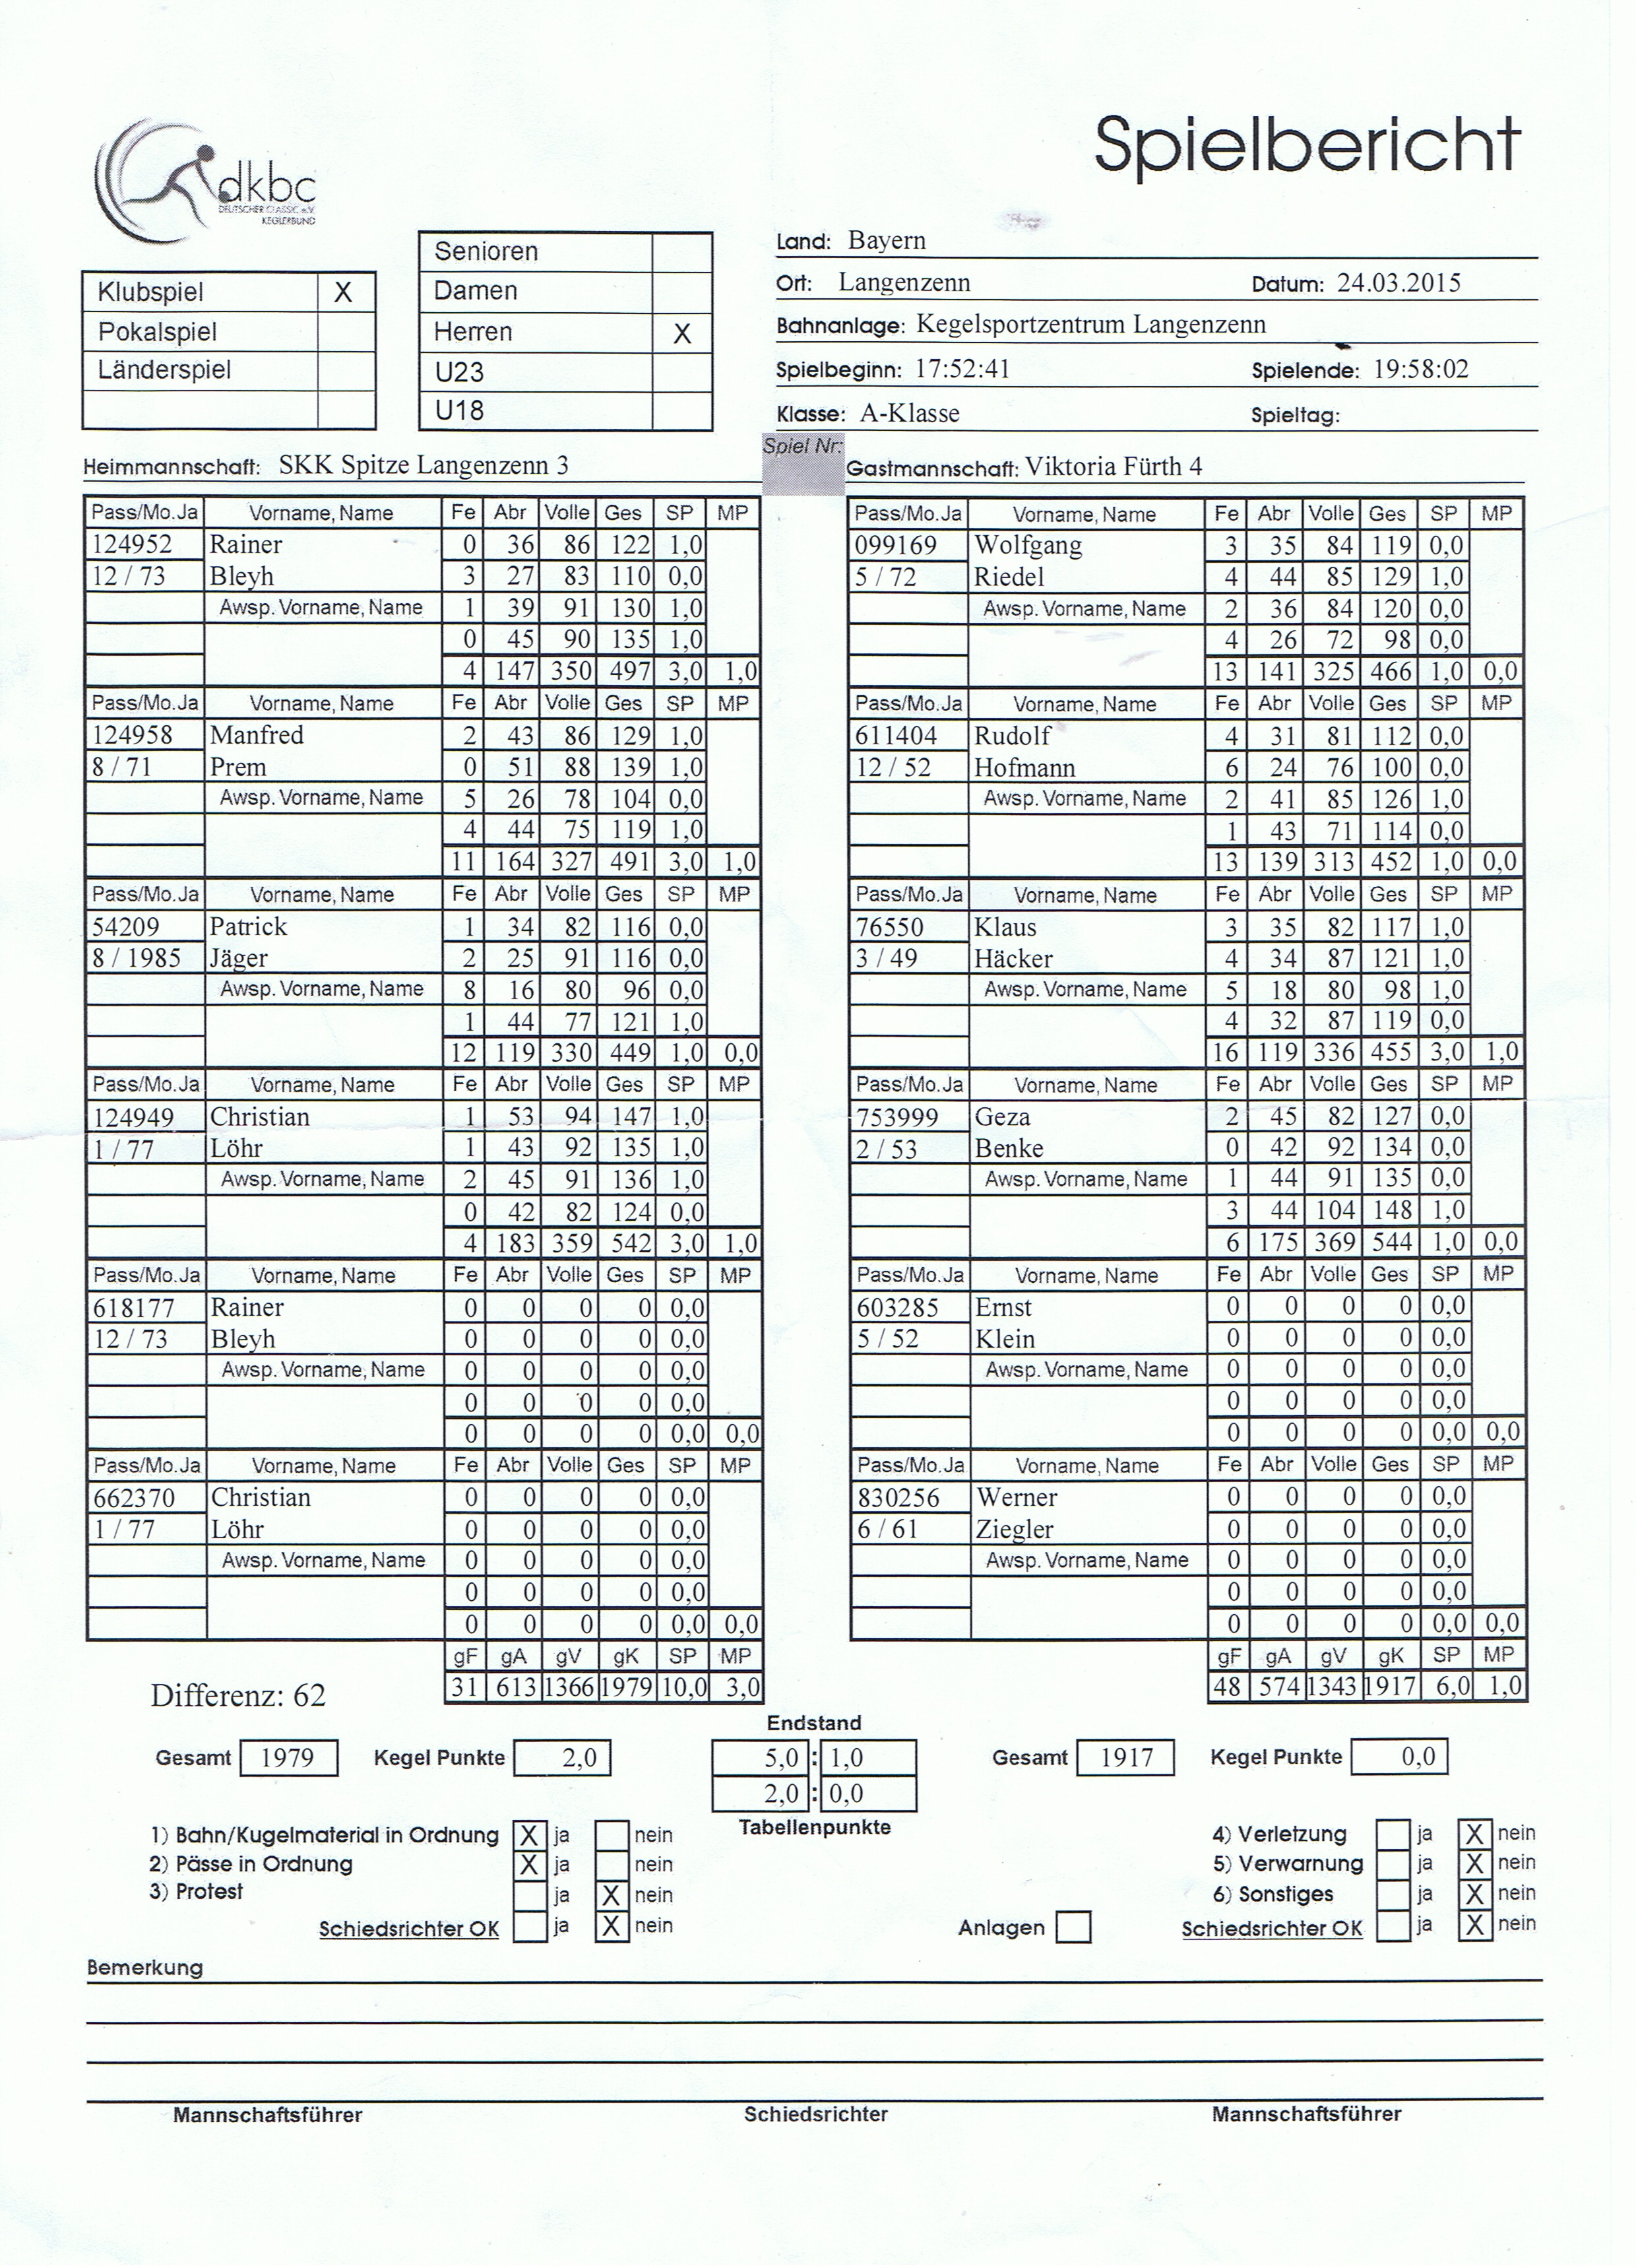 SpitzeLgz3-V4.jpg